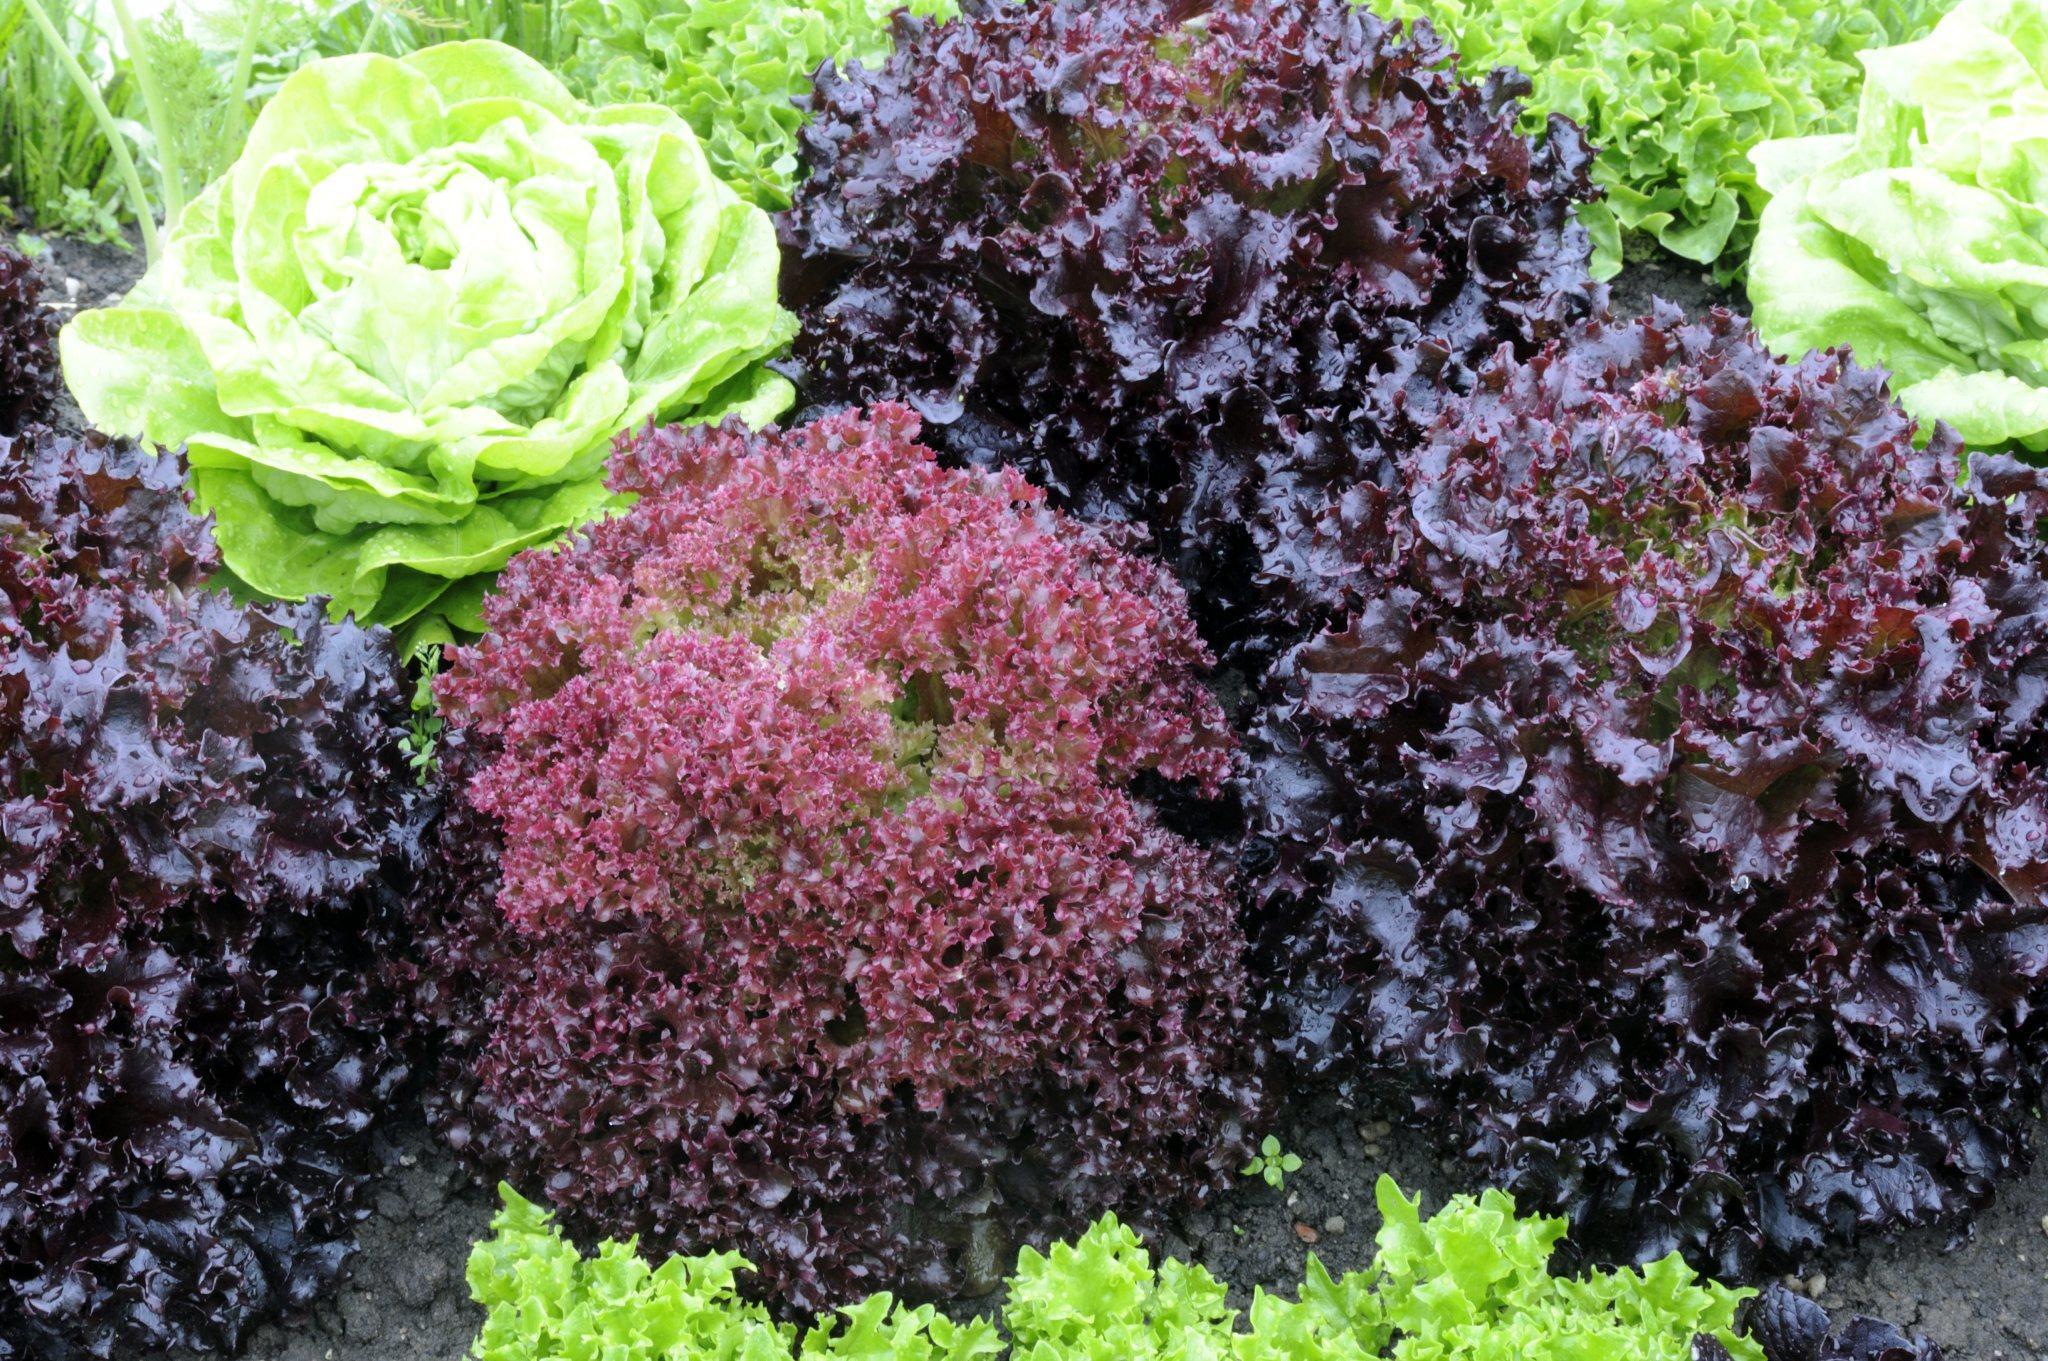 salat richtig waschen und lagern so bleibt er l nger knackig und frisch. Black Bedroom Furniture Sets. Home Design Ideas